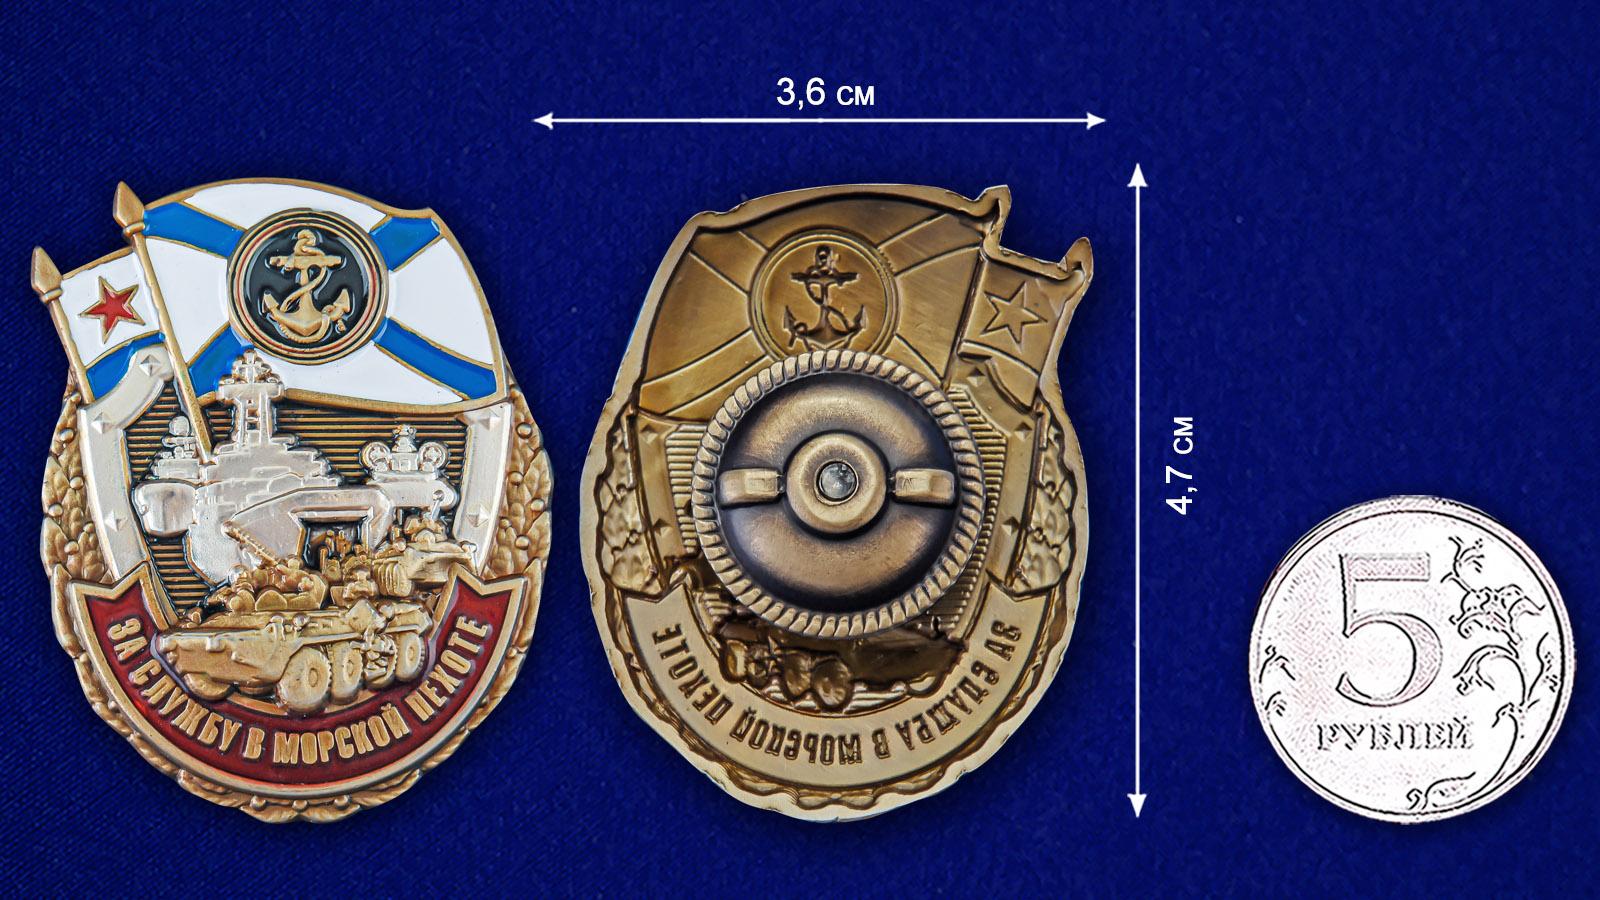 Нагрудный знак За службу в Морской пехоте - размер